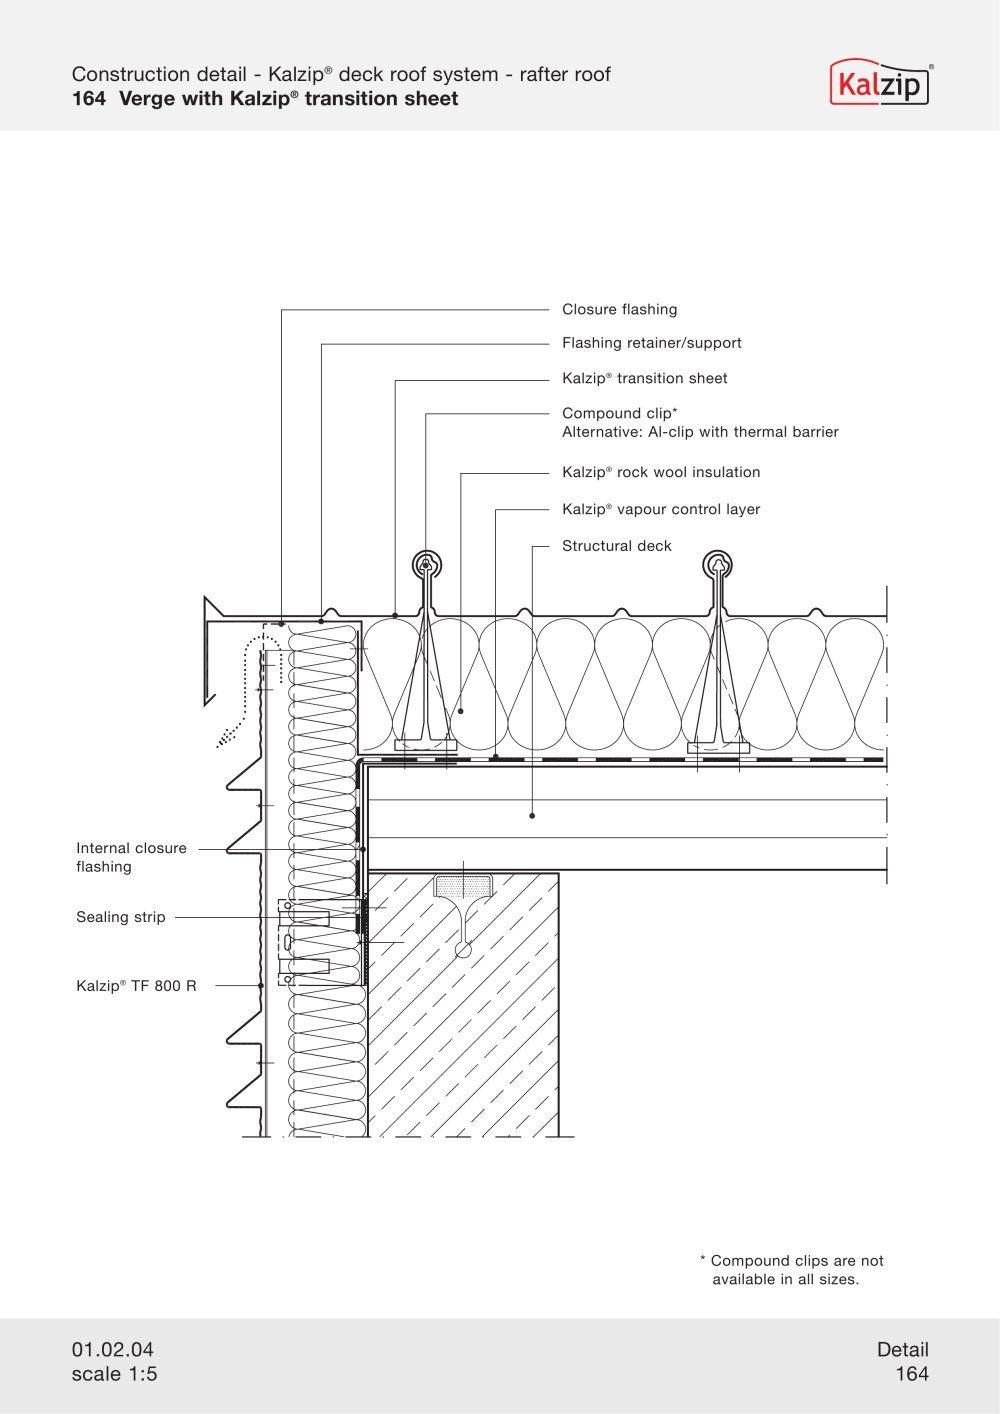 Kalzip Construction Details Archiexpo Roof Detail Architecture Details Construction